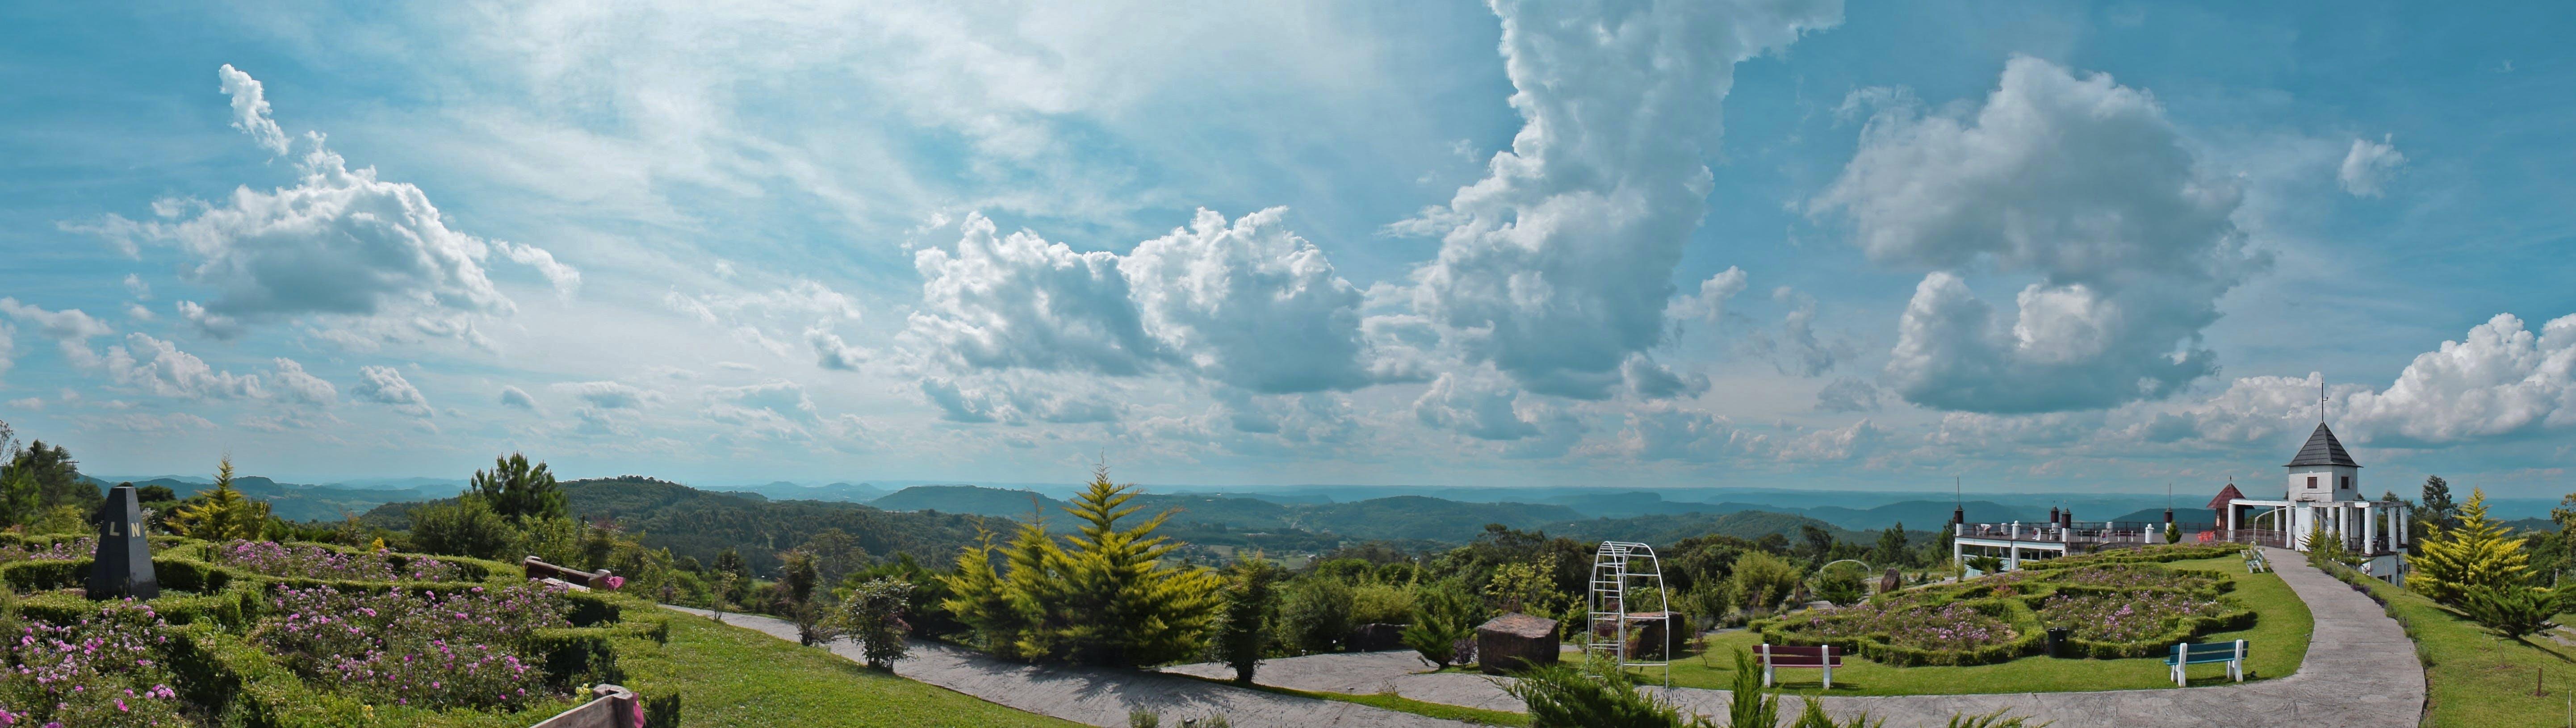 Kostenloses Stock Foto zu außerorts, bäume, berg, blauer himmel